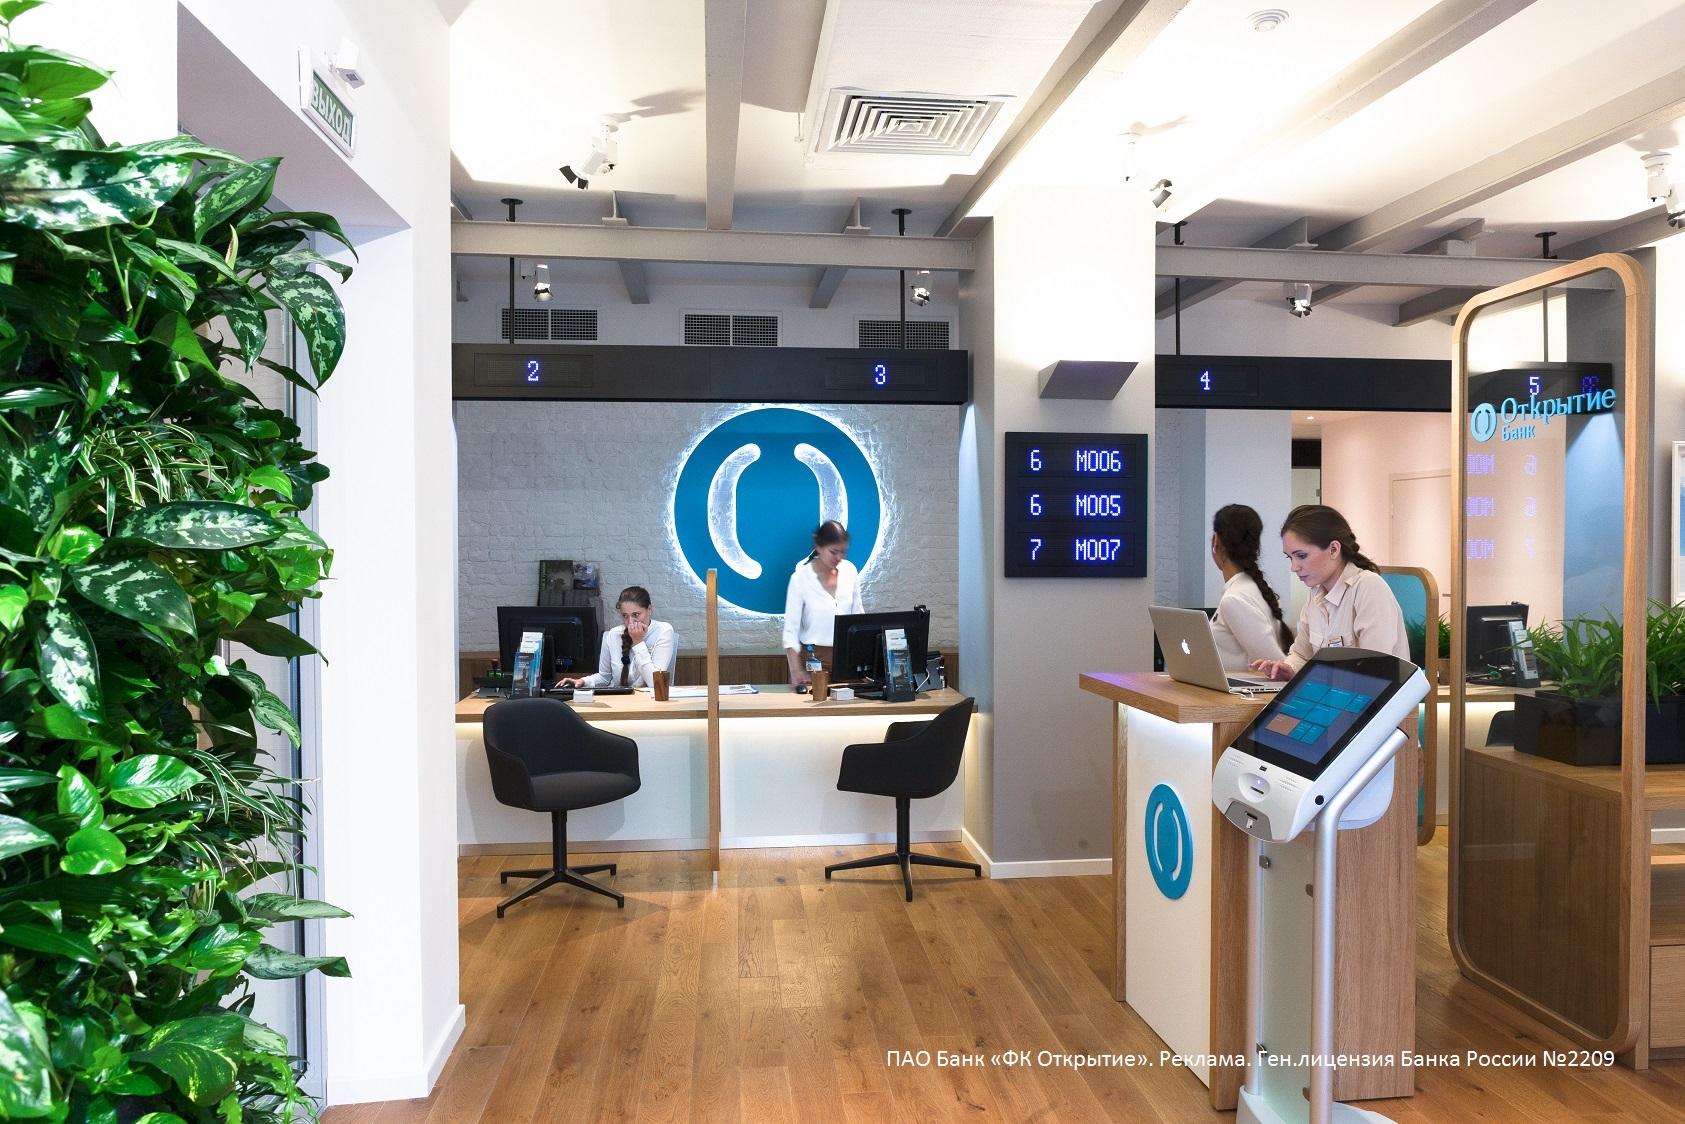 Чистая прибыль группы «Открытие» по итогам 1 полугодия 2020 года по МСФО составила 14,8 млрд рублей